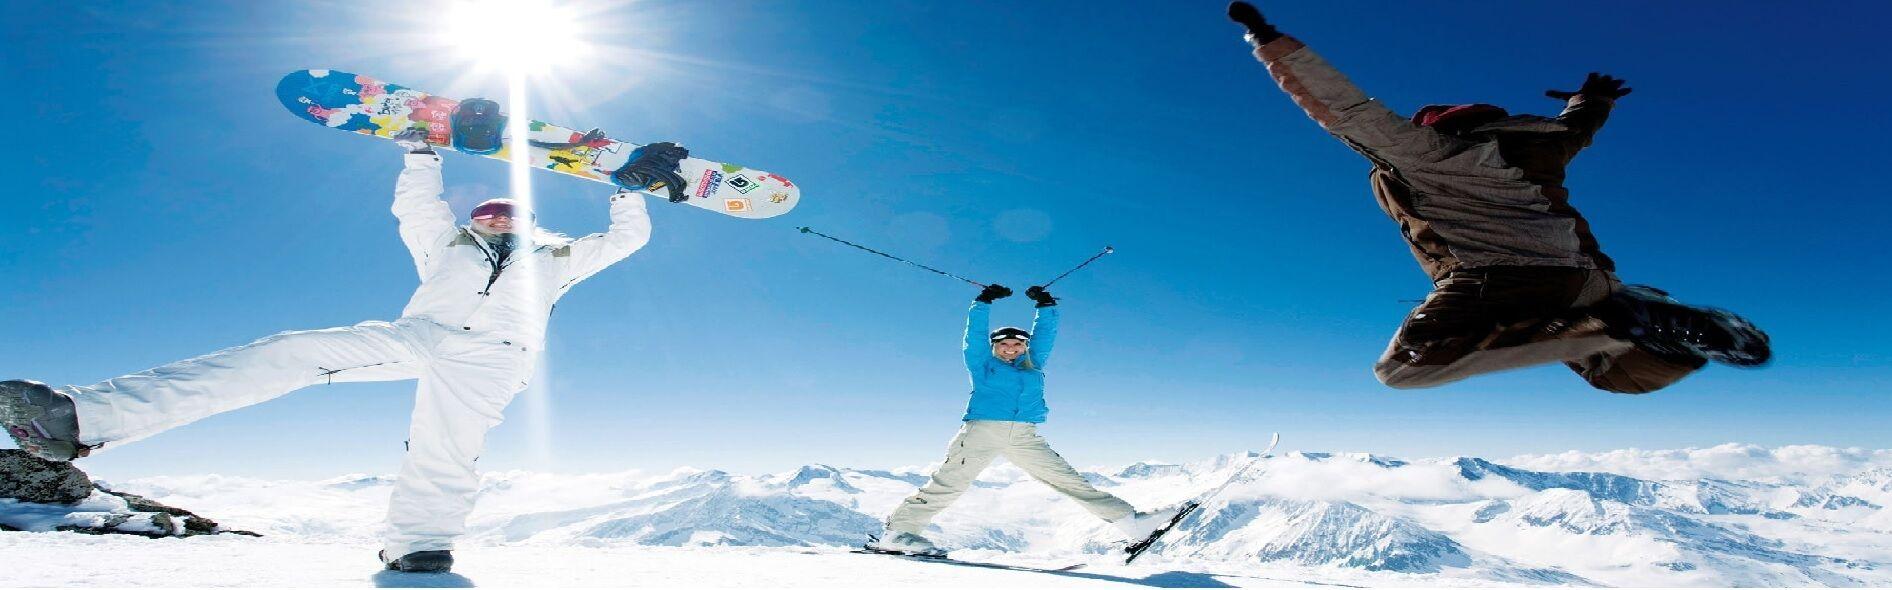 Ski's en Snowboards